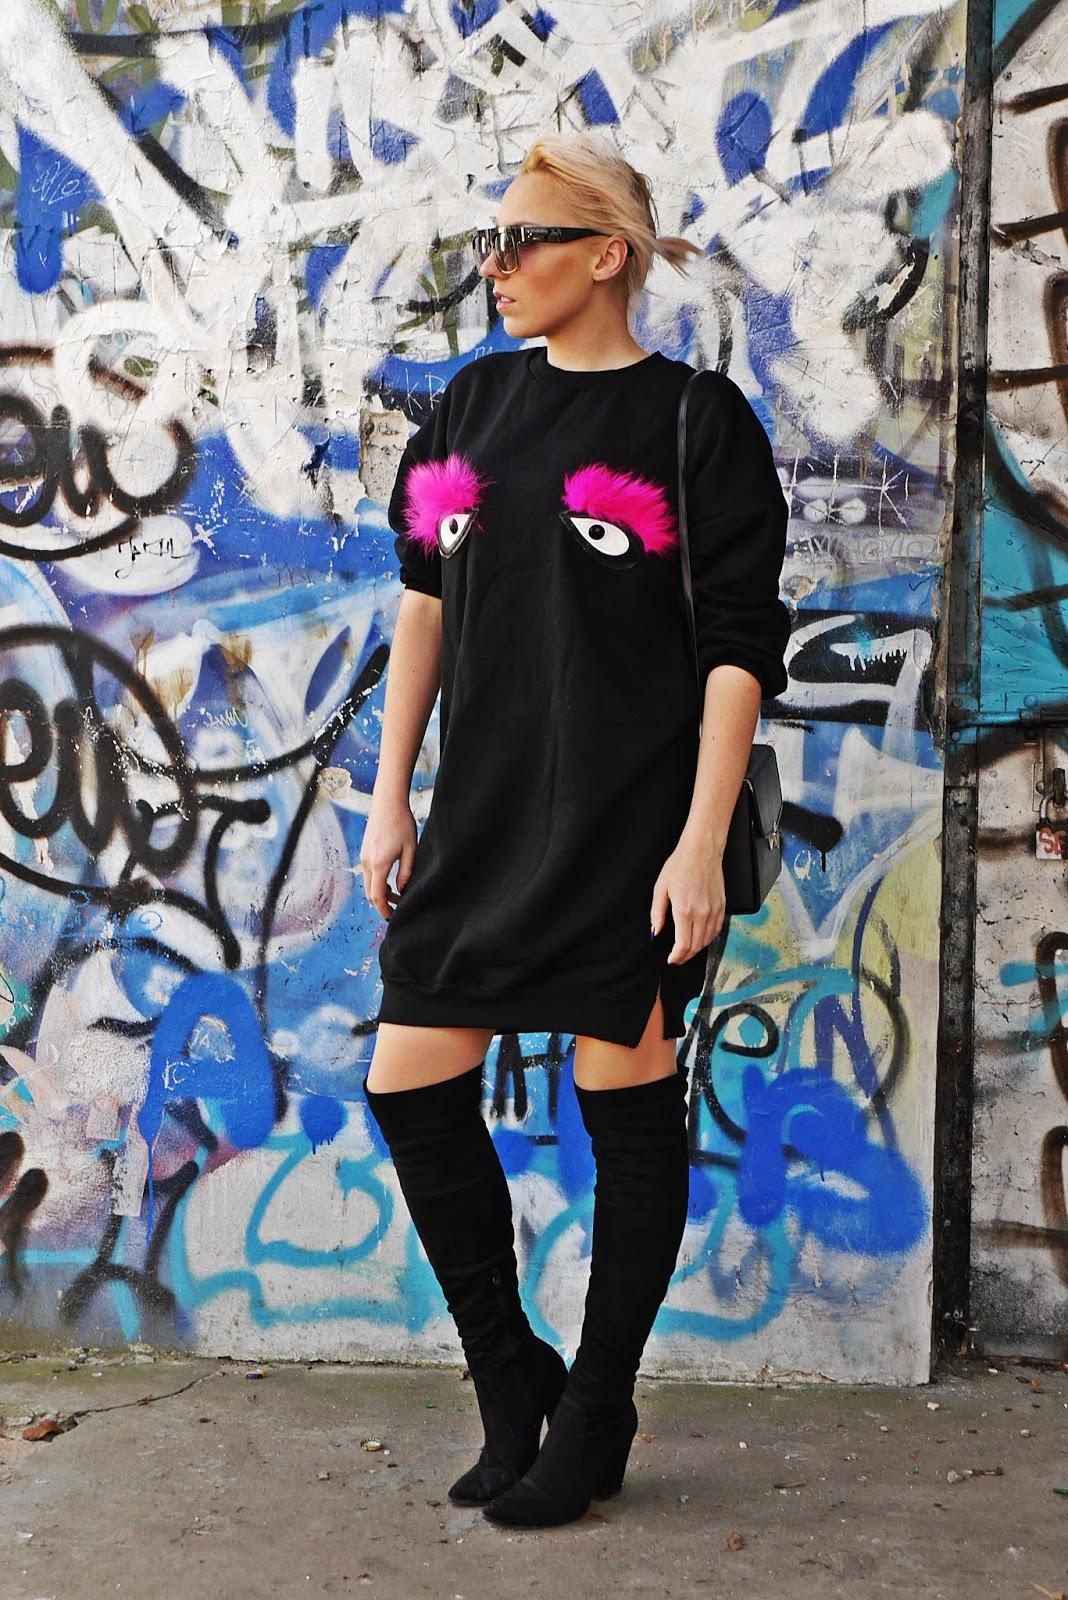 czarna_dluga_bluza_sukienka_oczy_karyn_blog_modowy_090217